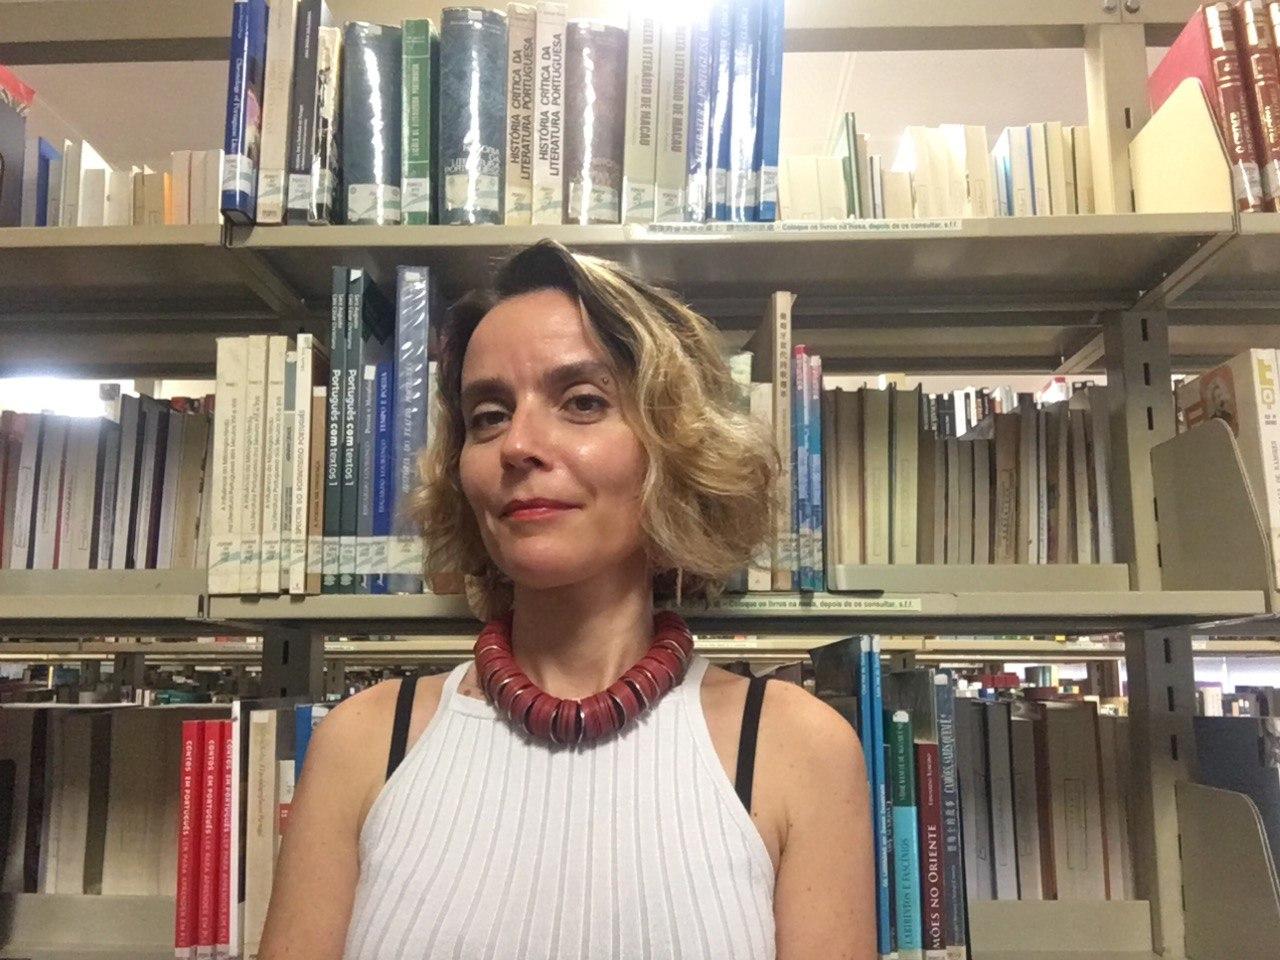 """Ana Saldanha, autora de """"Literatura, Arte e Sociedade em Portugal"""": """"Há falta de perspectiva para compreender o passado"""""""